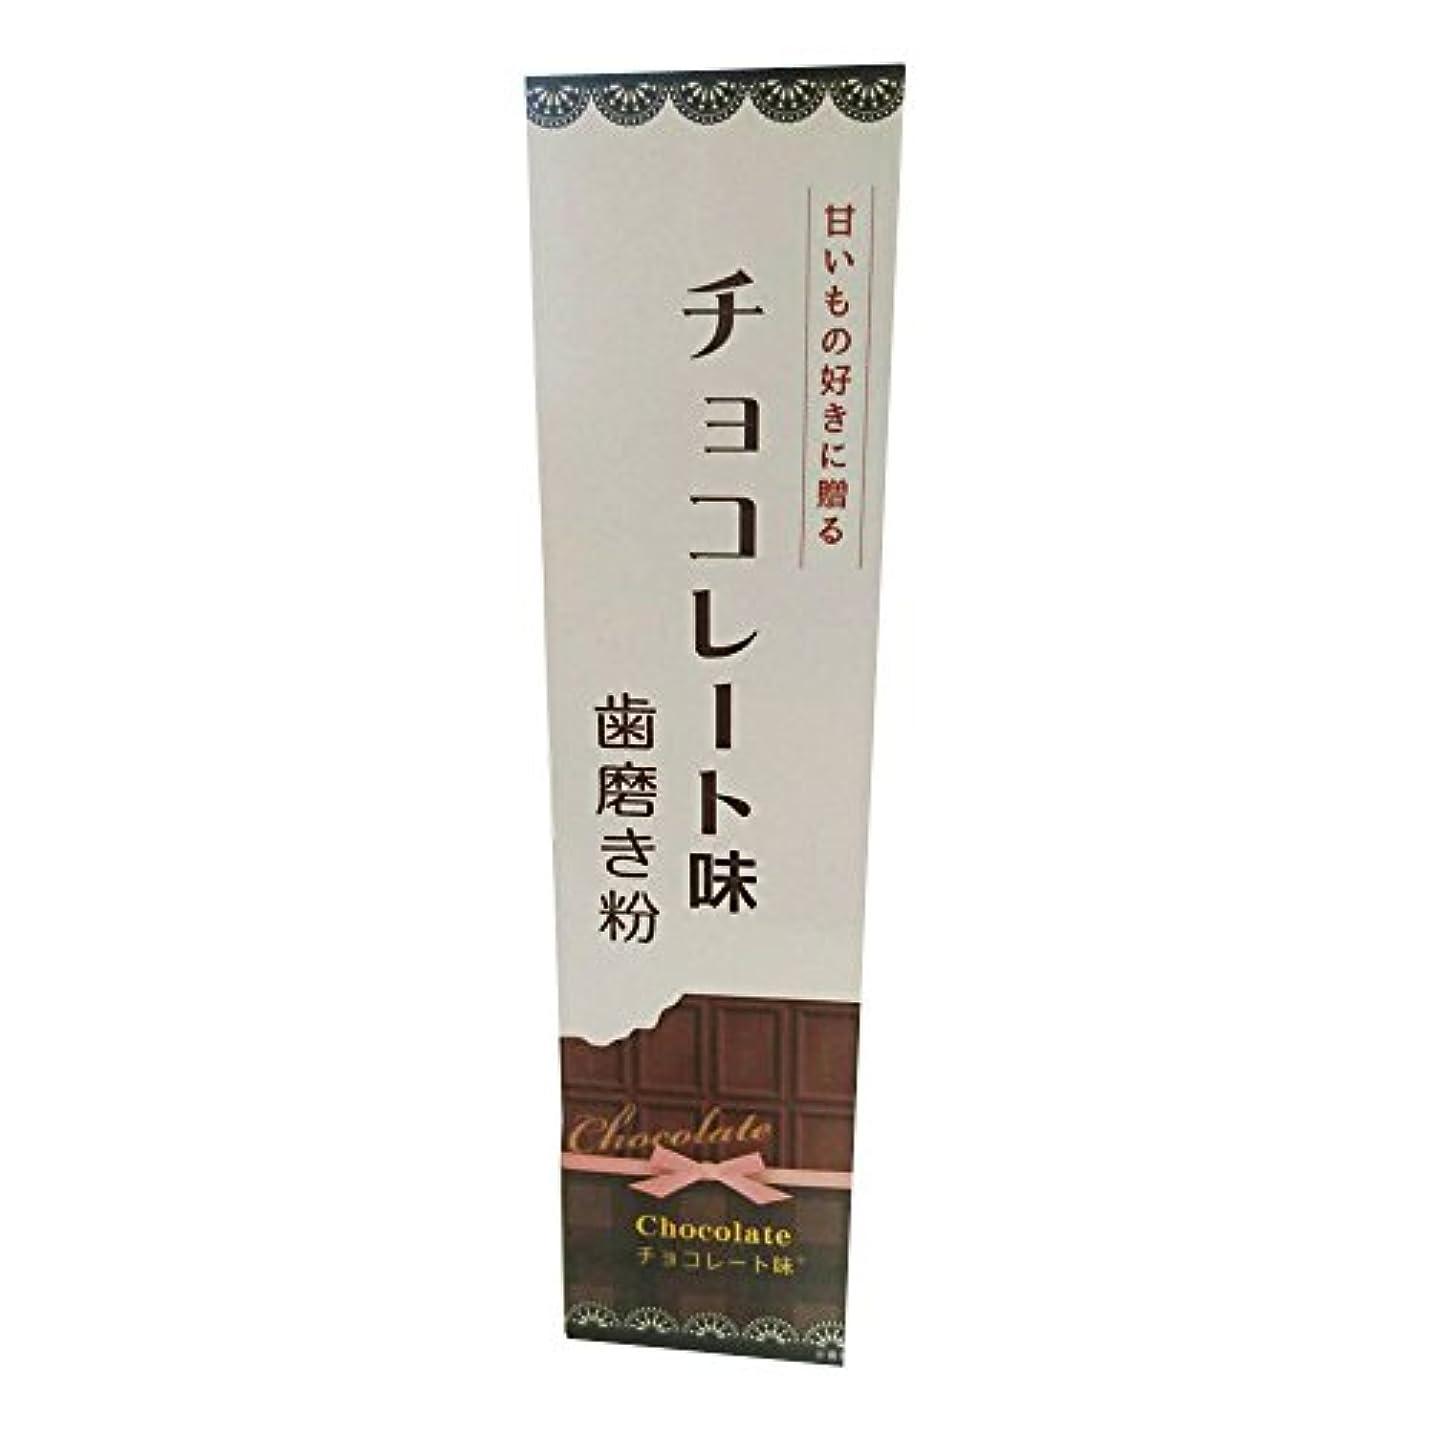 帆大きなスケールで見ると実装するフレーバー歯磨き粉チョコレート味 70g